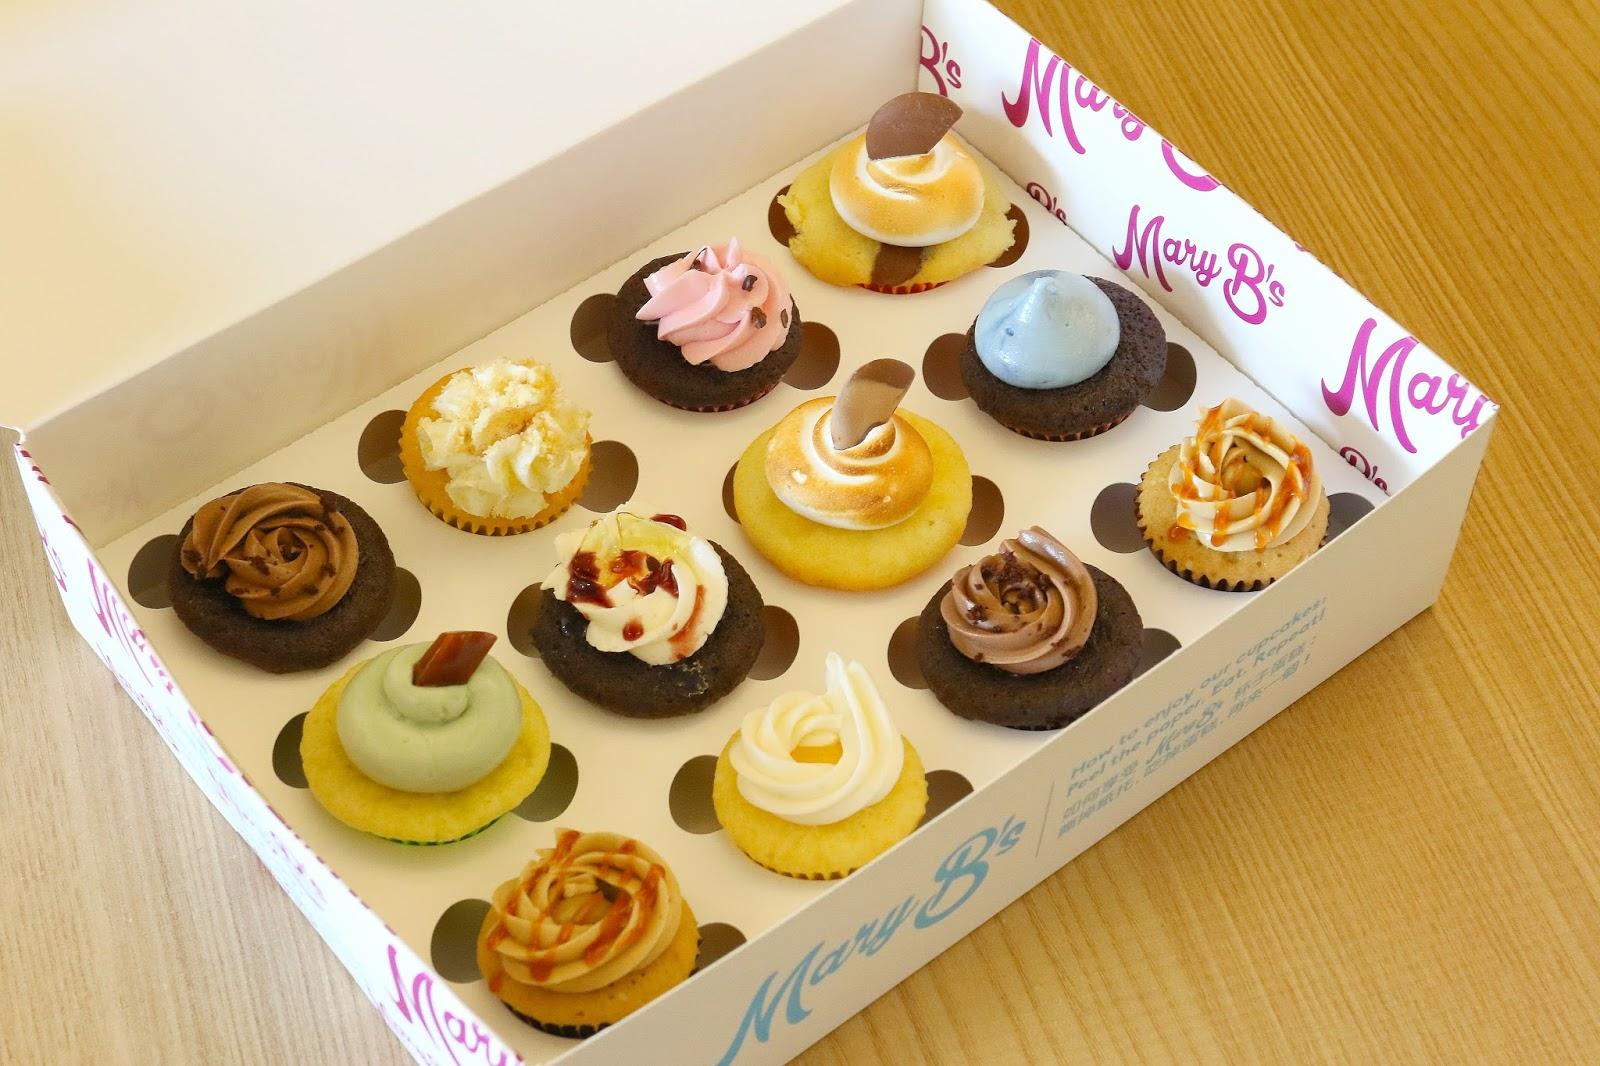 台南美莉碧Mary B's迷你杯子蛋糕專賣店